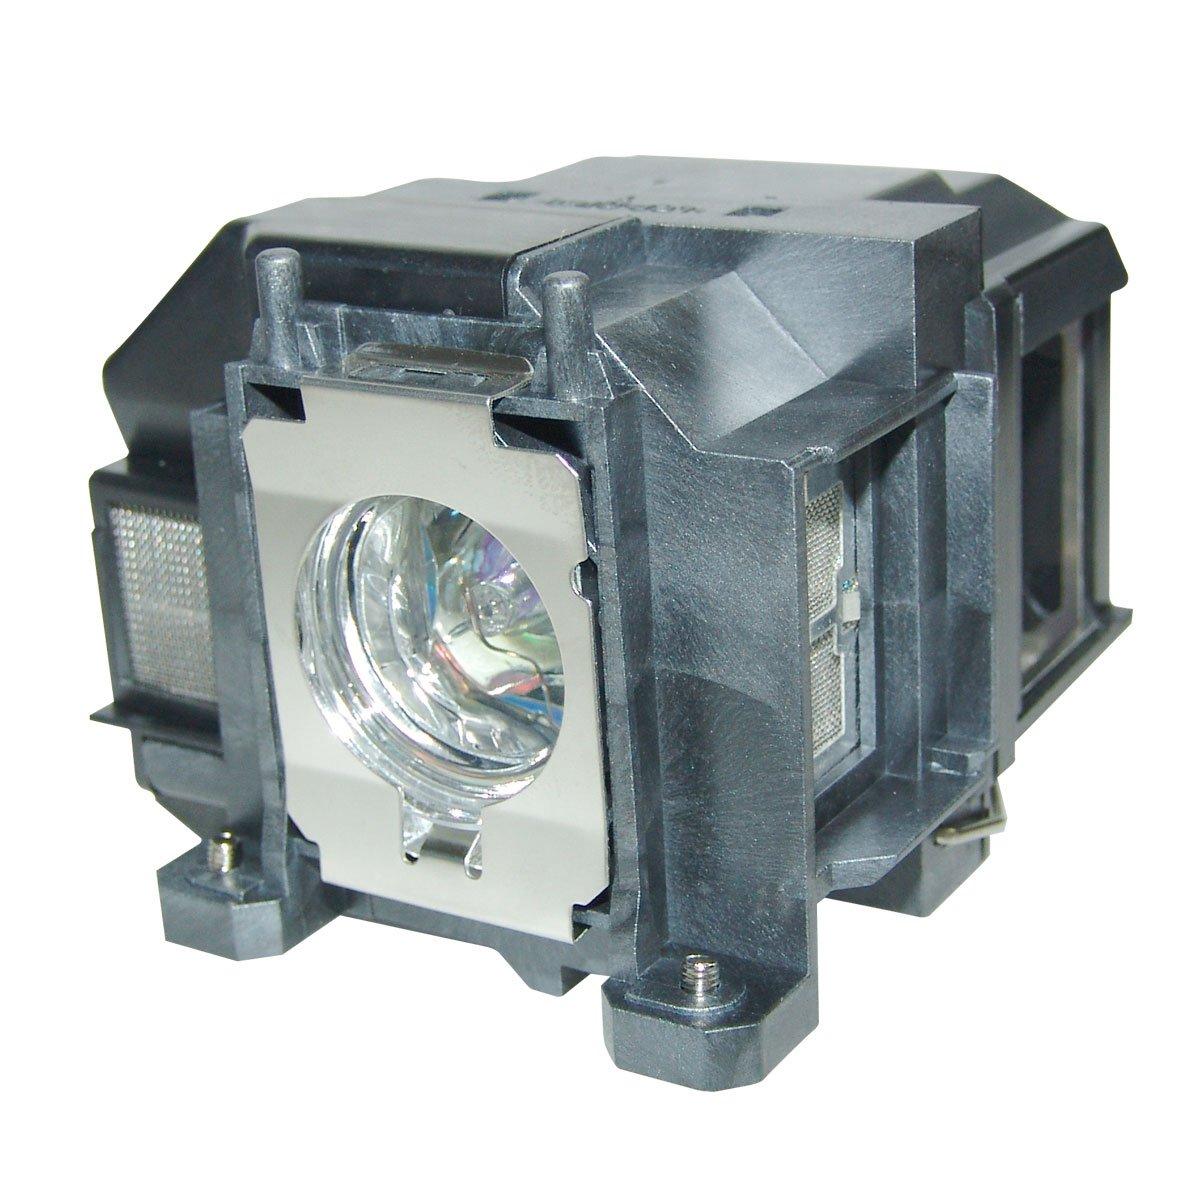 オリジナル Osram プロジェクター交換用ランプ Epson PowerLite X12用 Platinum (Brighter/Durable) Platinum (Brighter/Durable) Lamp with Housing B07L2B5GMC